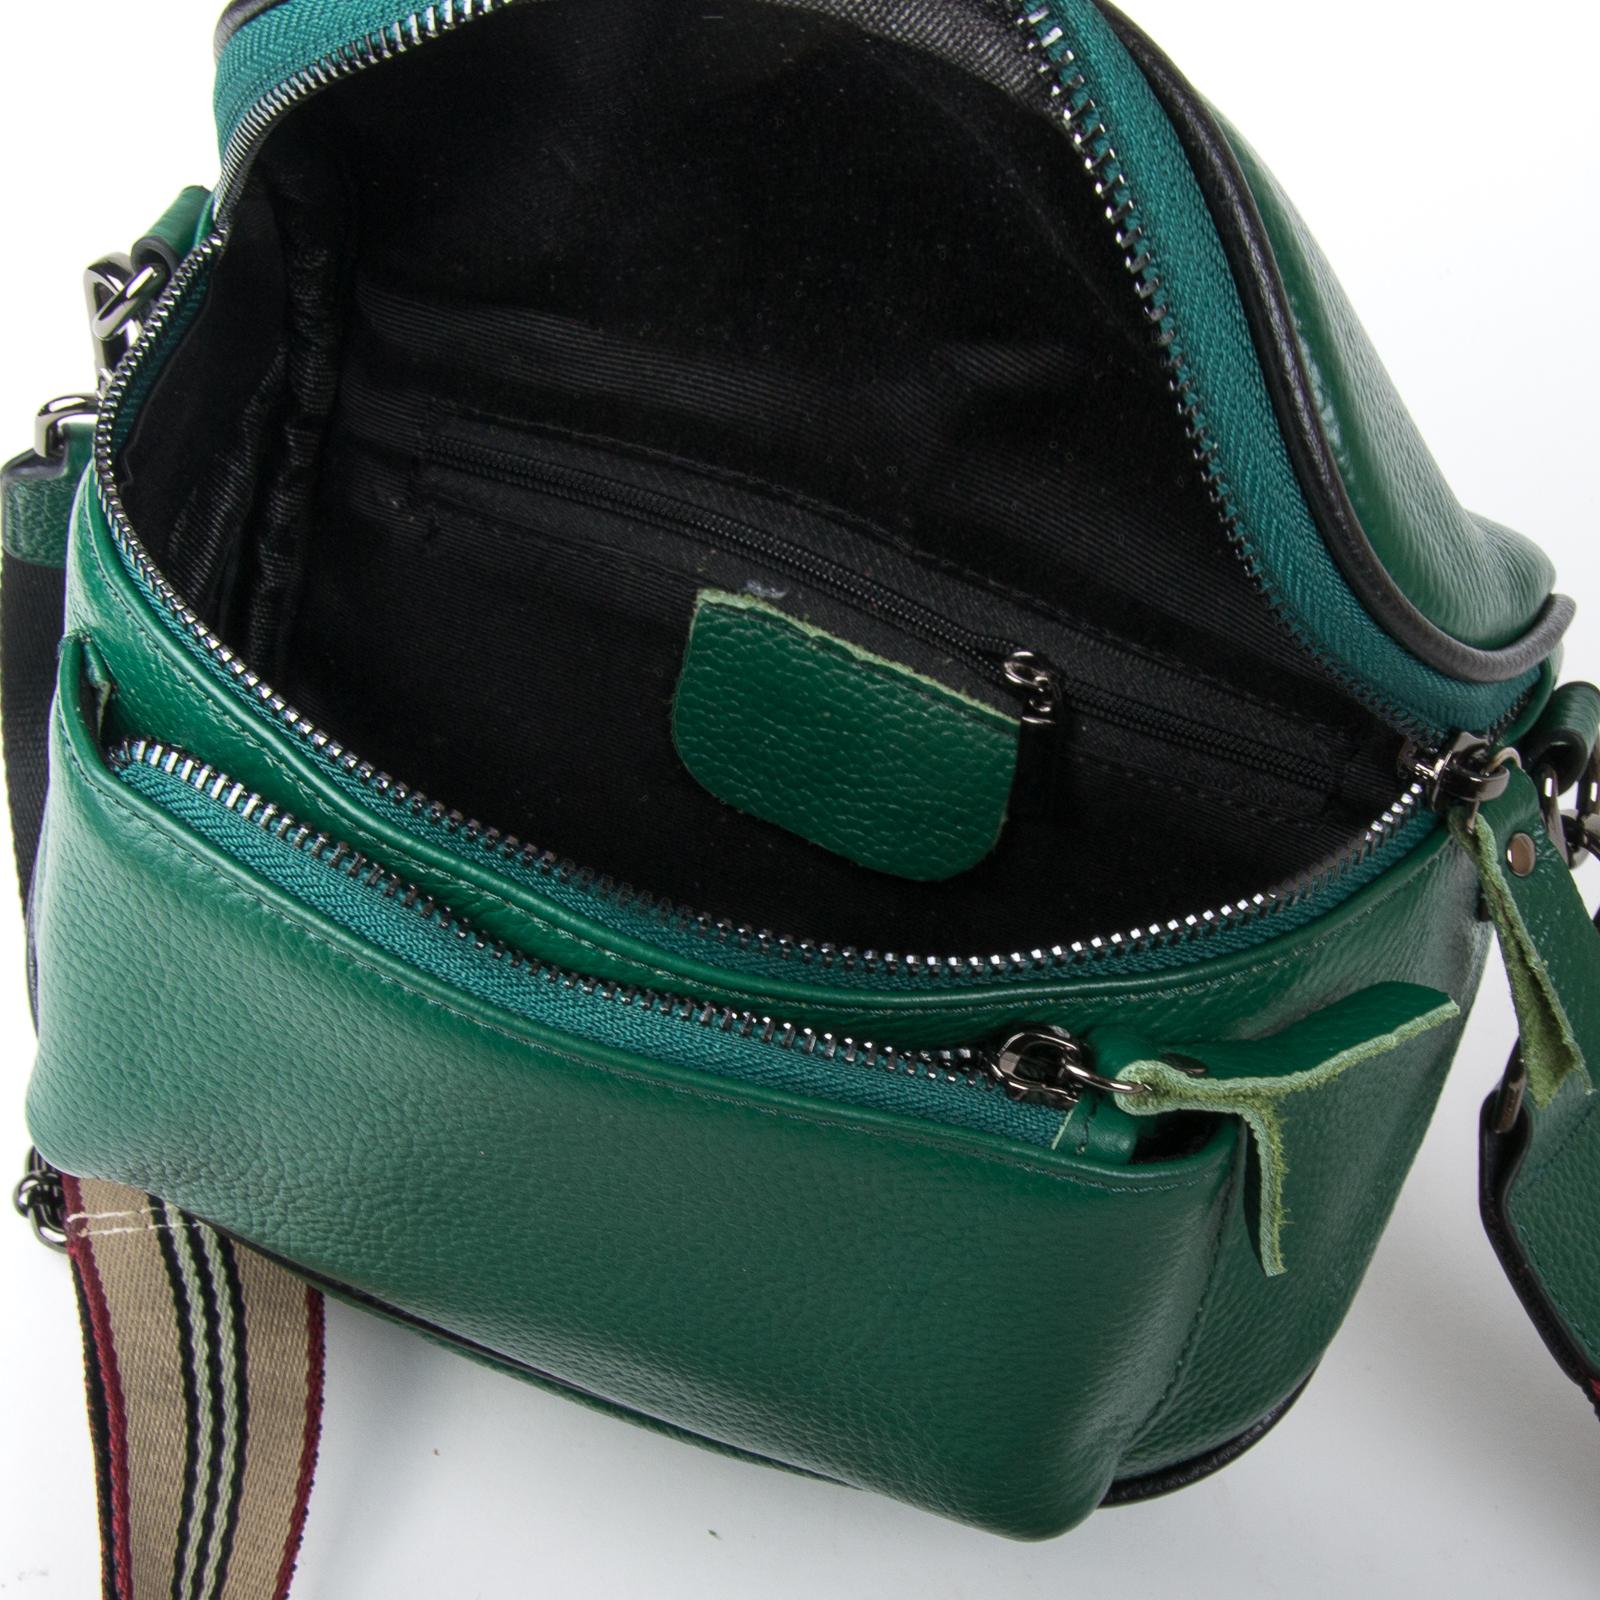 Сумка Женская Клатч кожа ALEX RAI 1-02 39031-12 green - фото 4